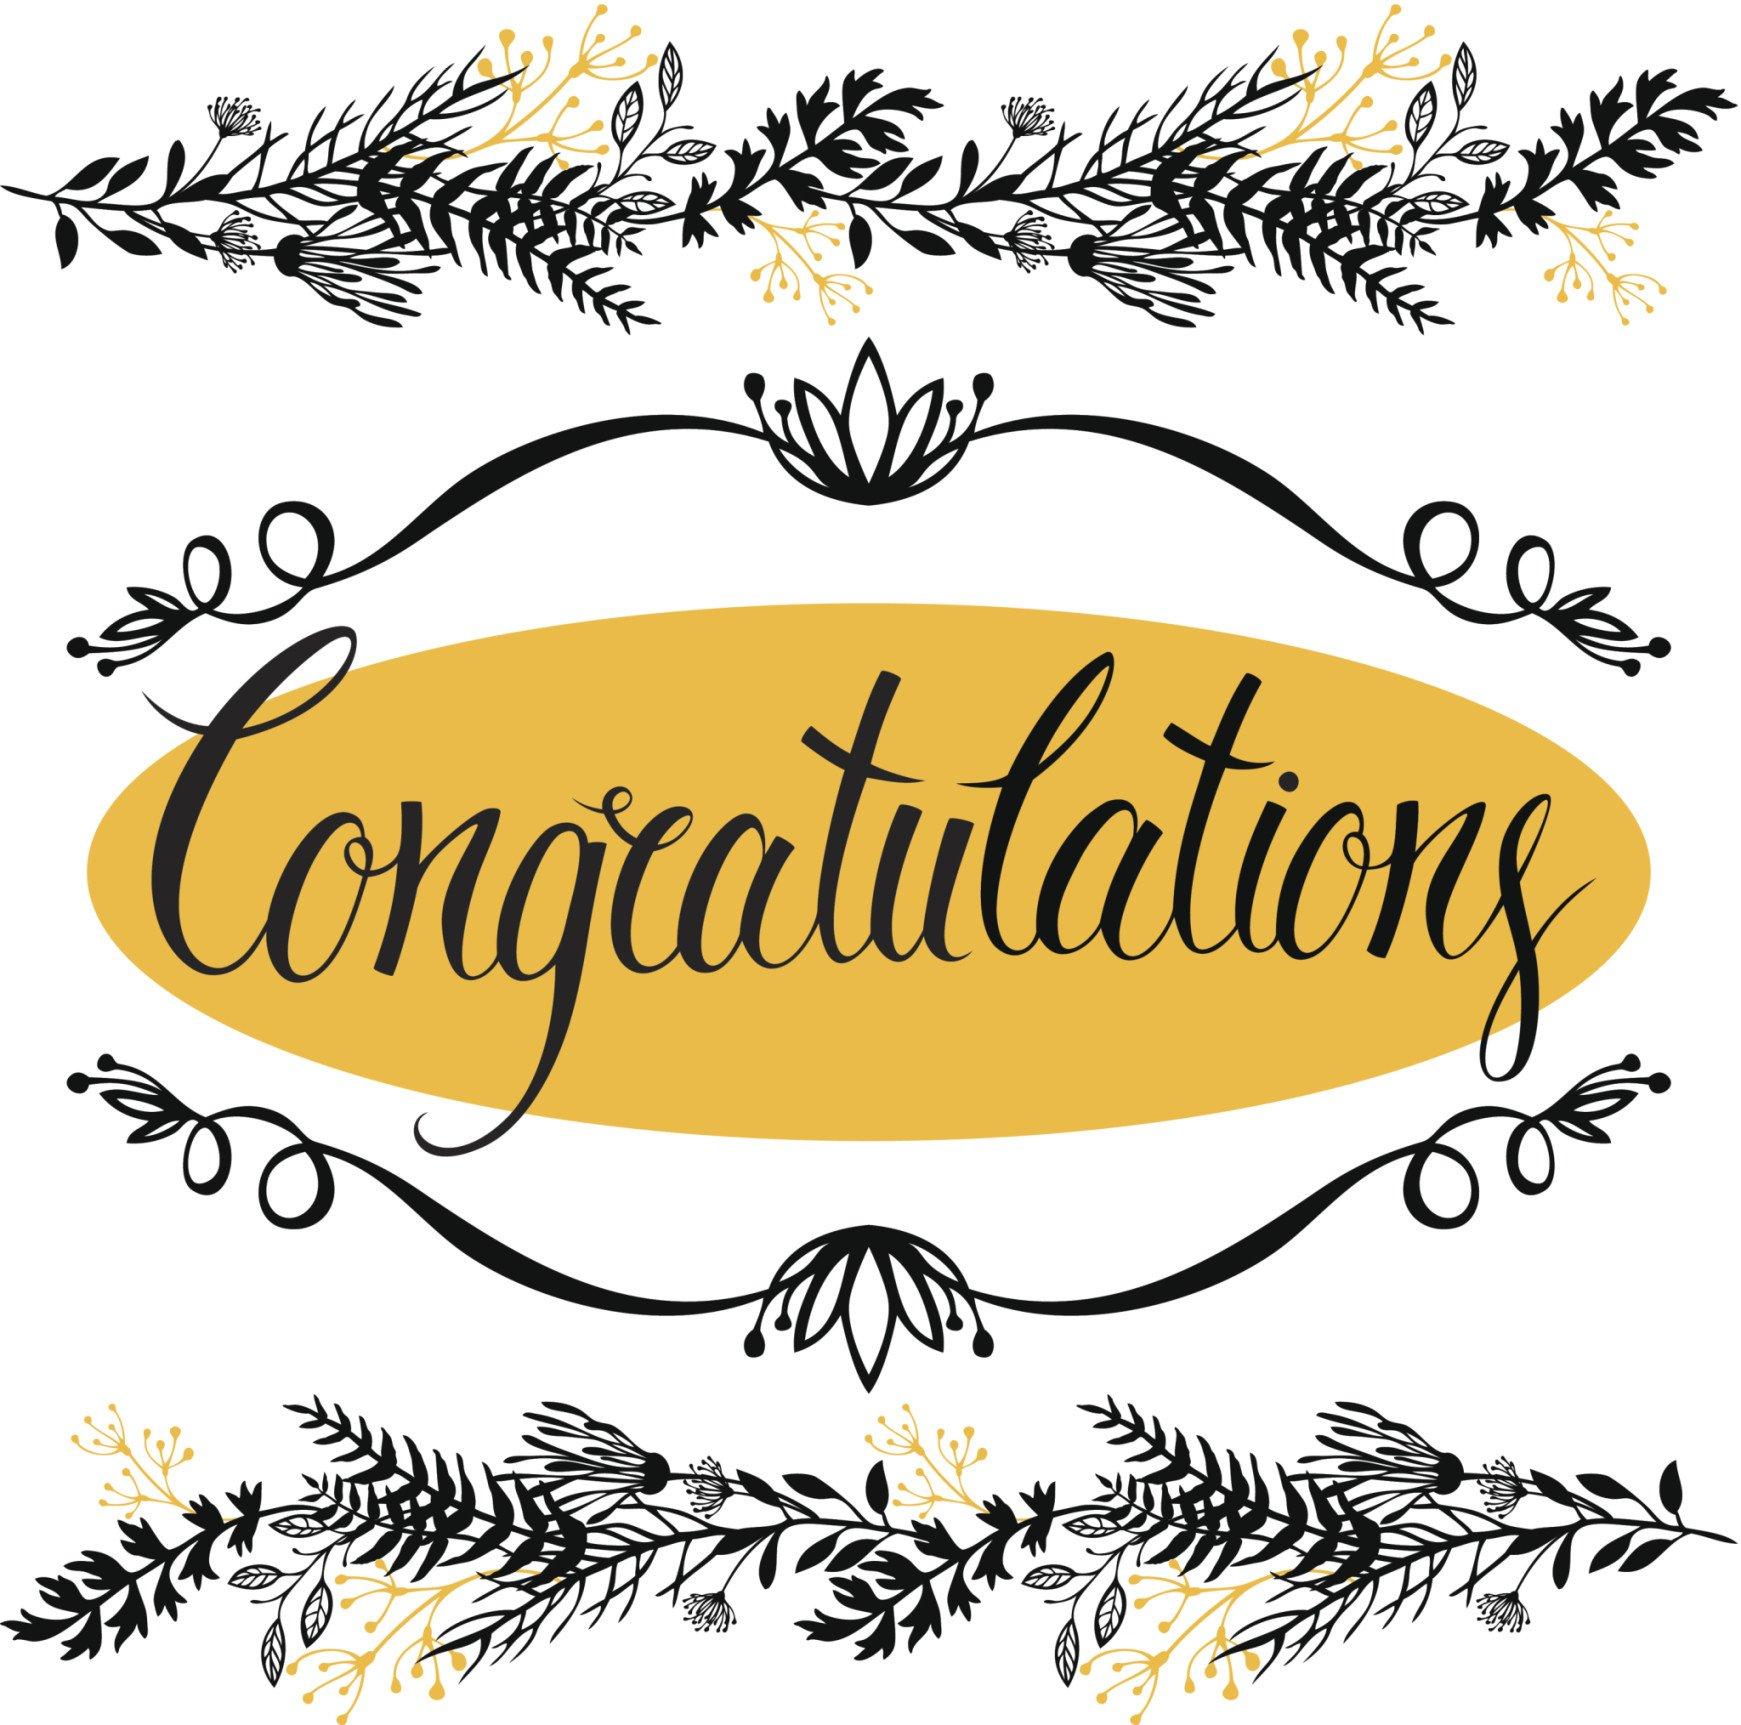 Congratulation Letter On Achievement Congratulations to Cean Member Johanna Trimble Vch